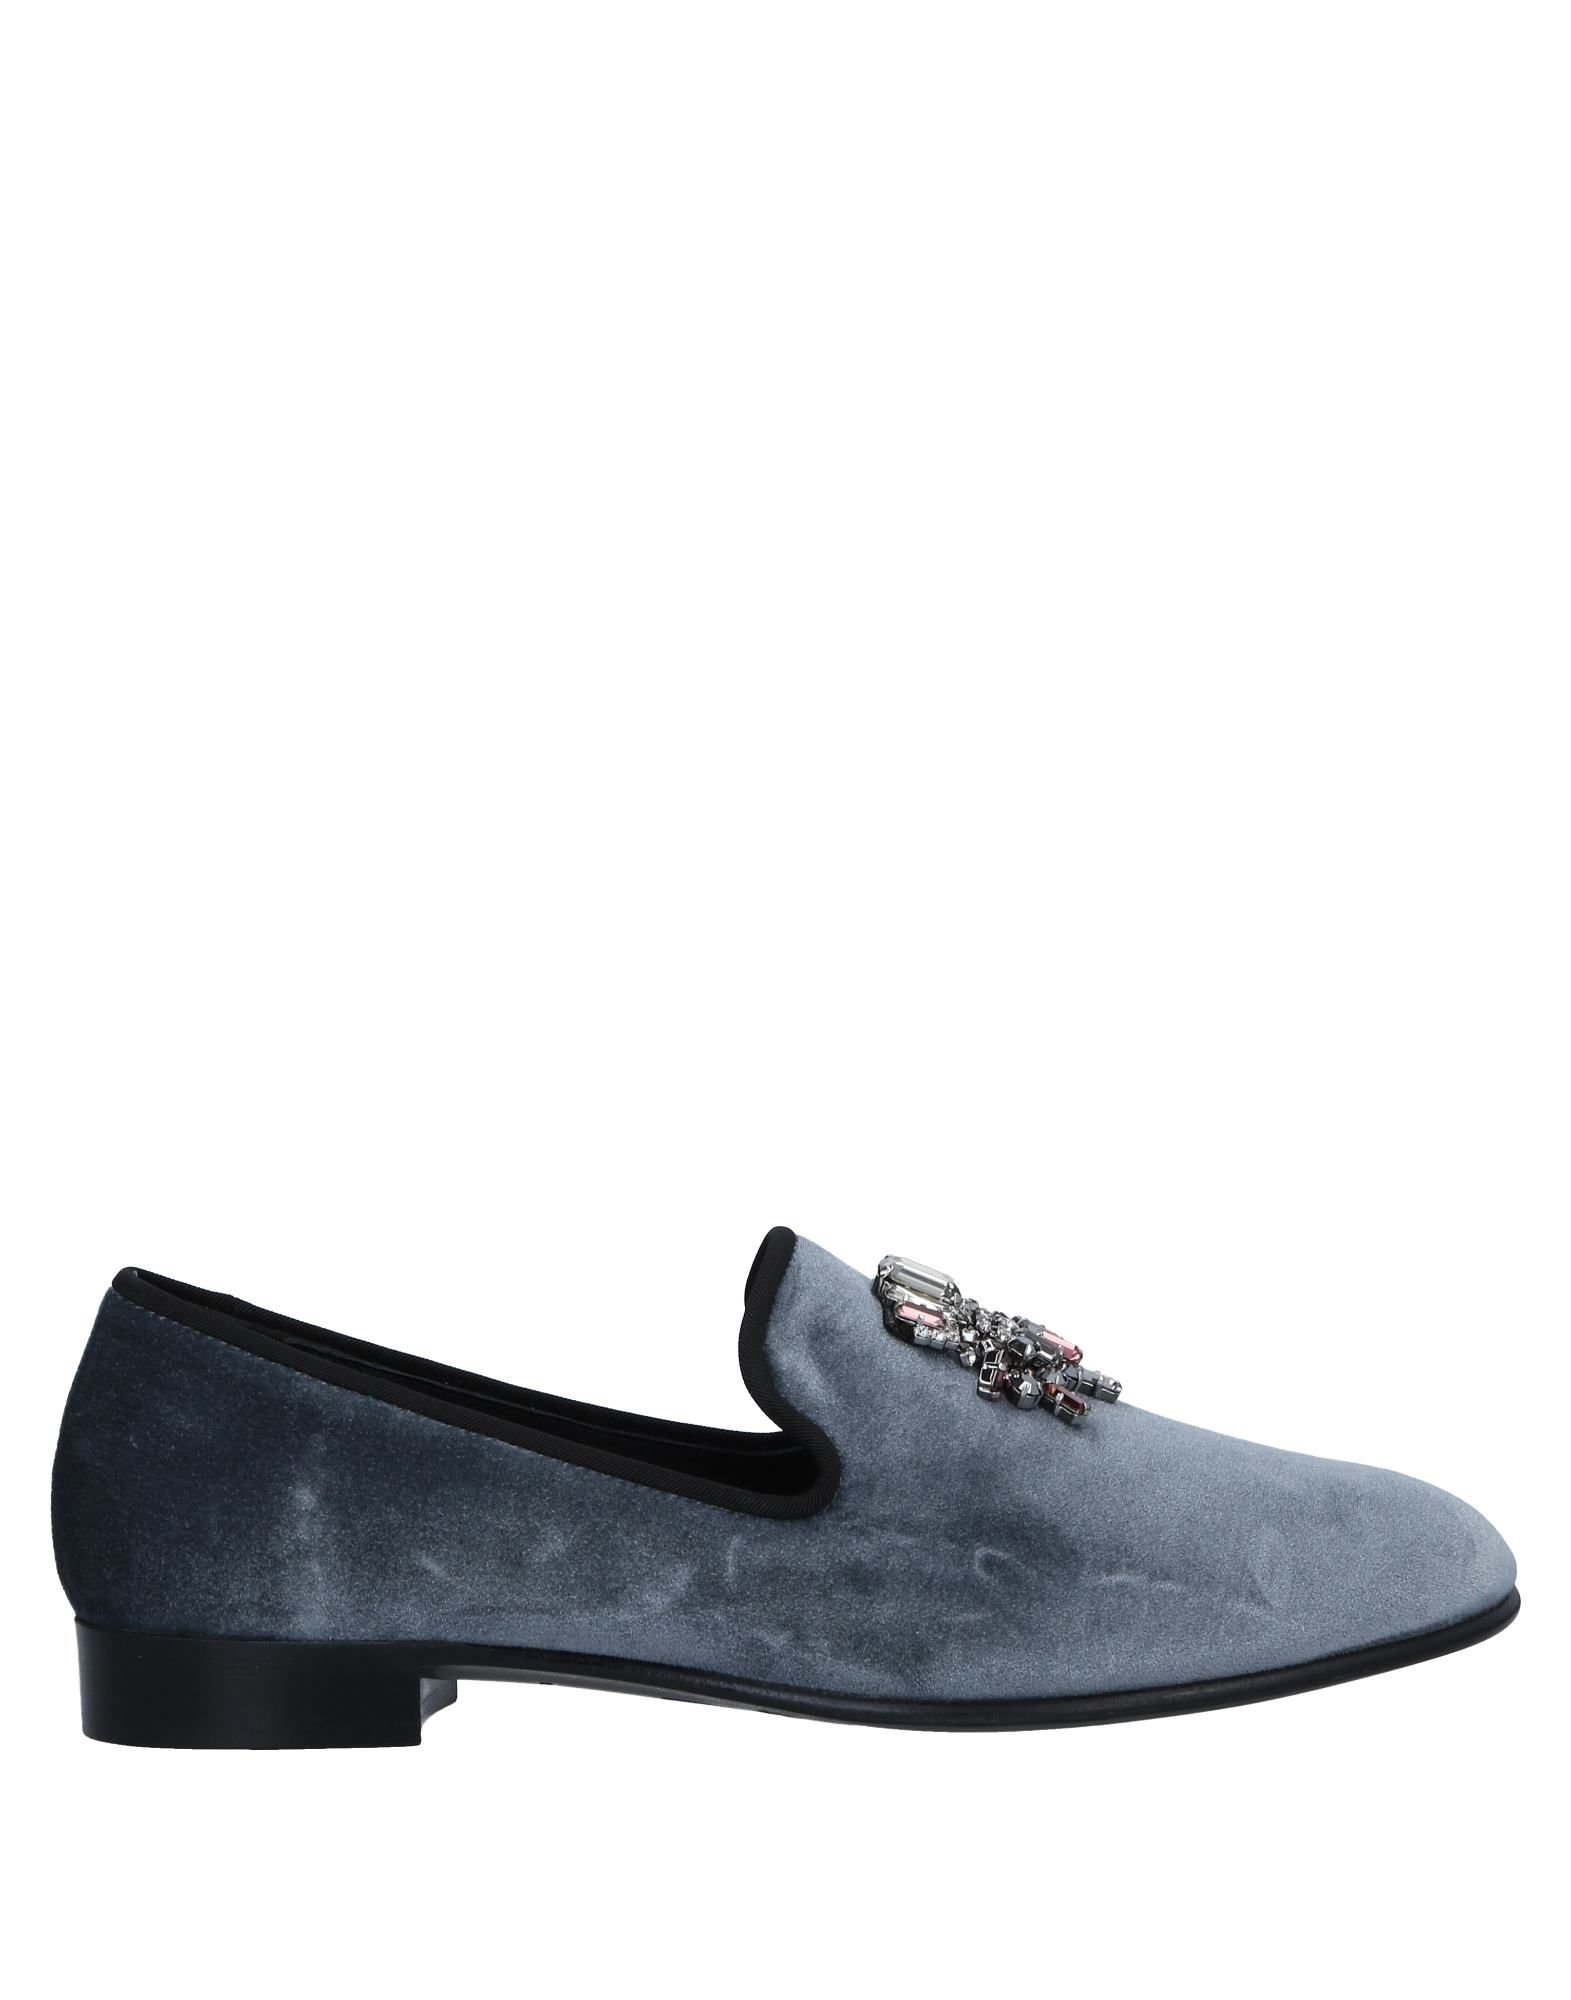 Giuseppe Zanotti Mokassins Herren  11517836QH Gute Qualität beliebte Schuhe